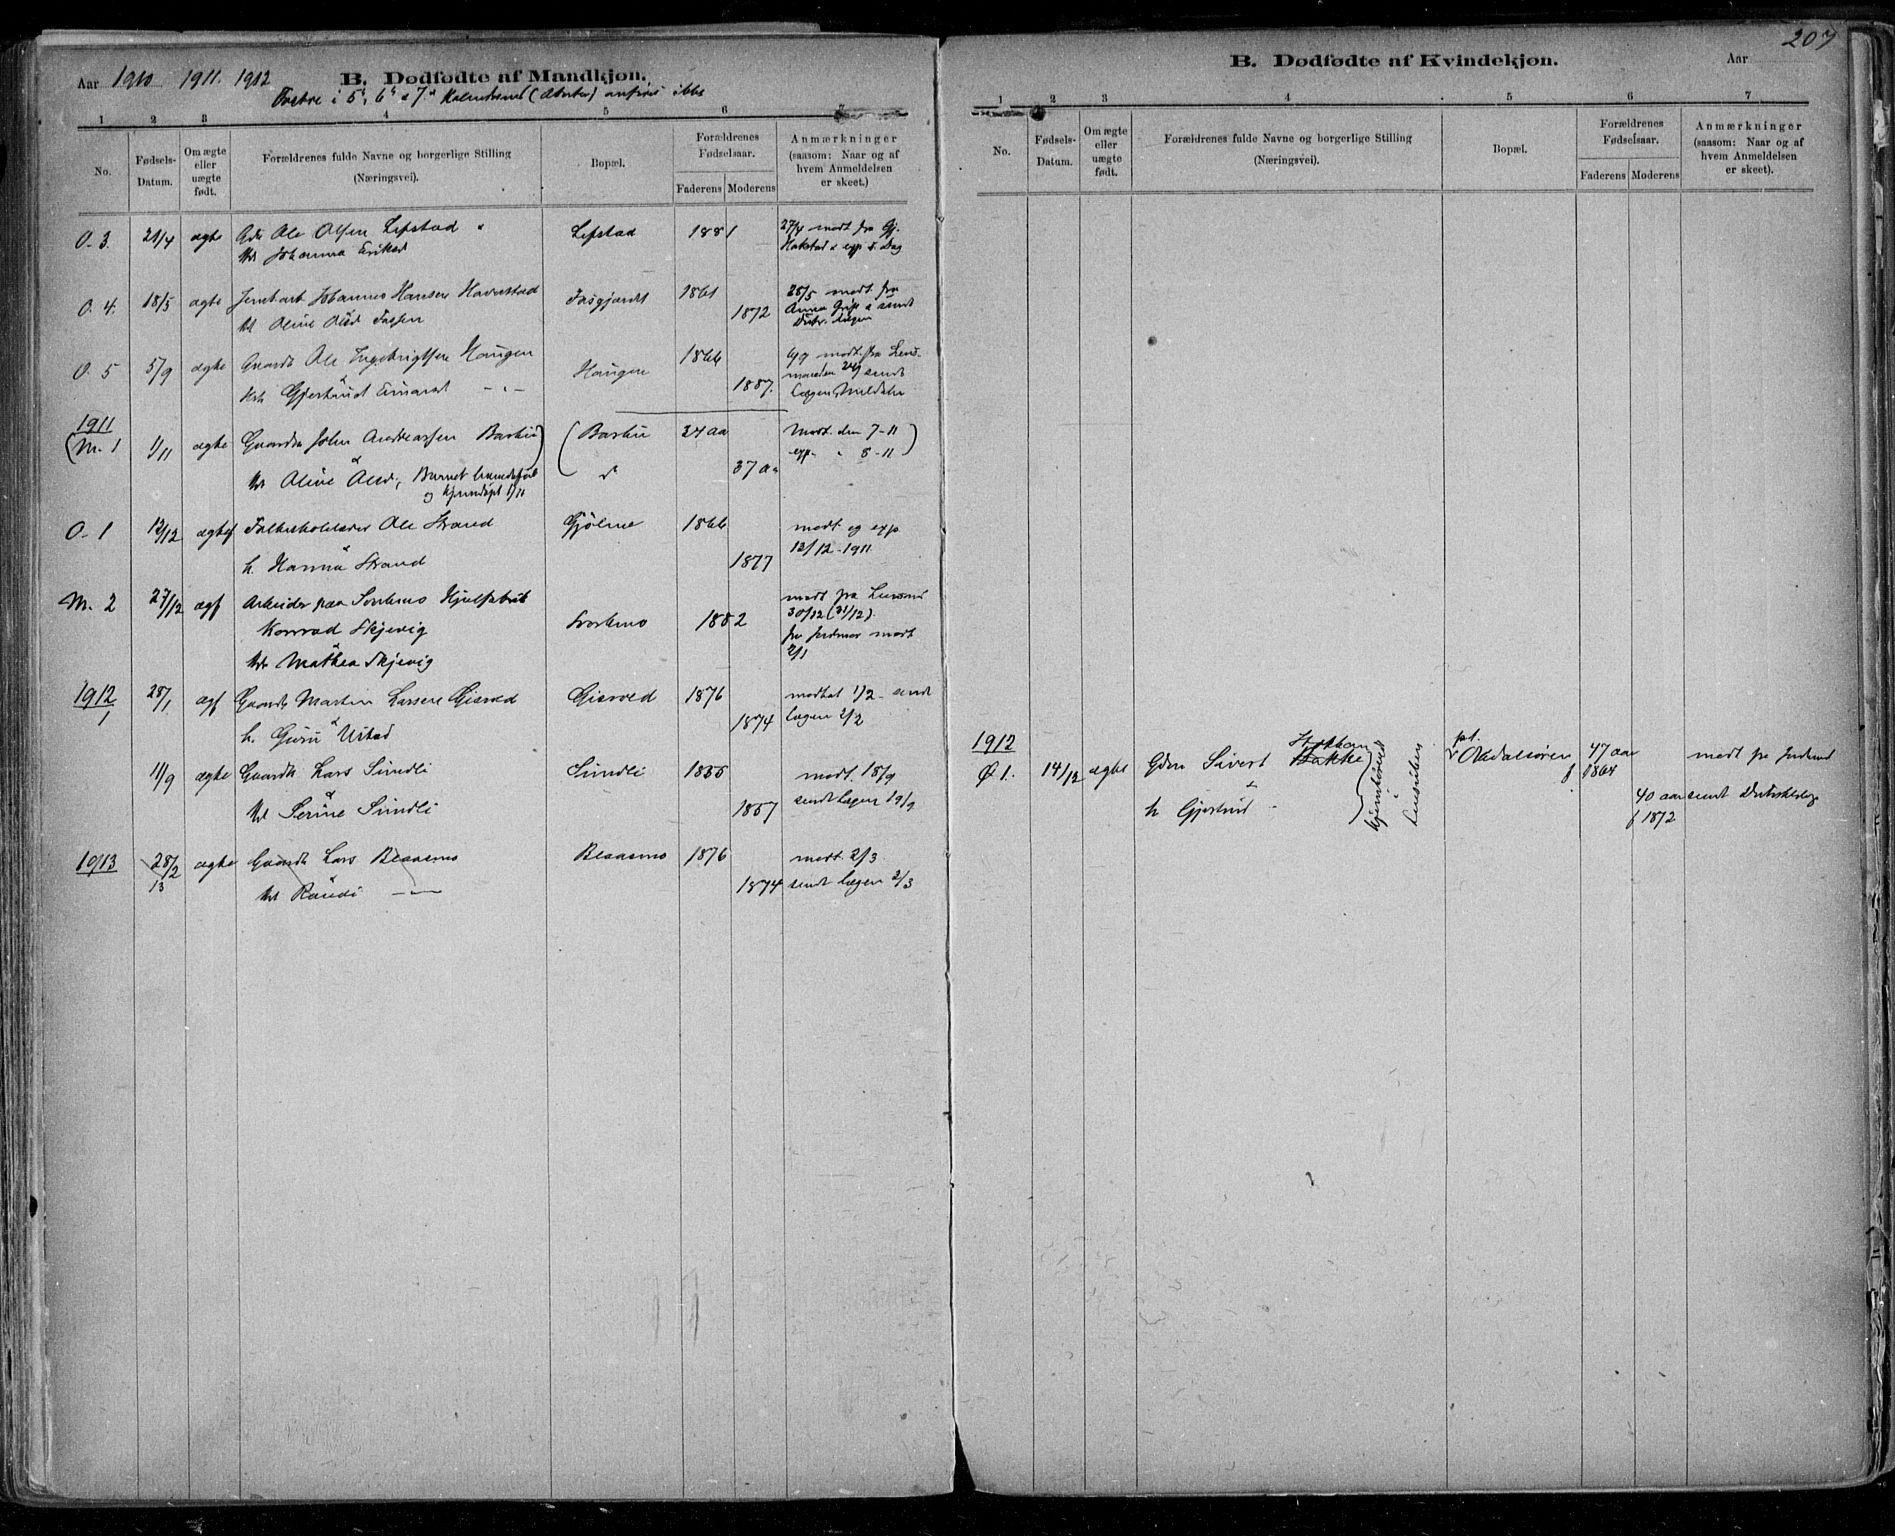 SAT, Ministerialprotokoller, klokkerbøker og fødselsregistre - Sør-Trøndelag, 668/L0811: Ministerialbok nr. 668A11, 1894-1913, s. 207